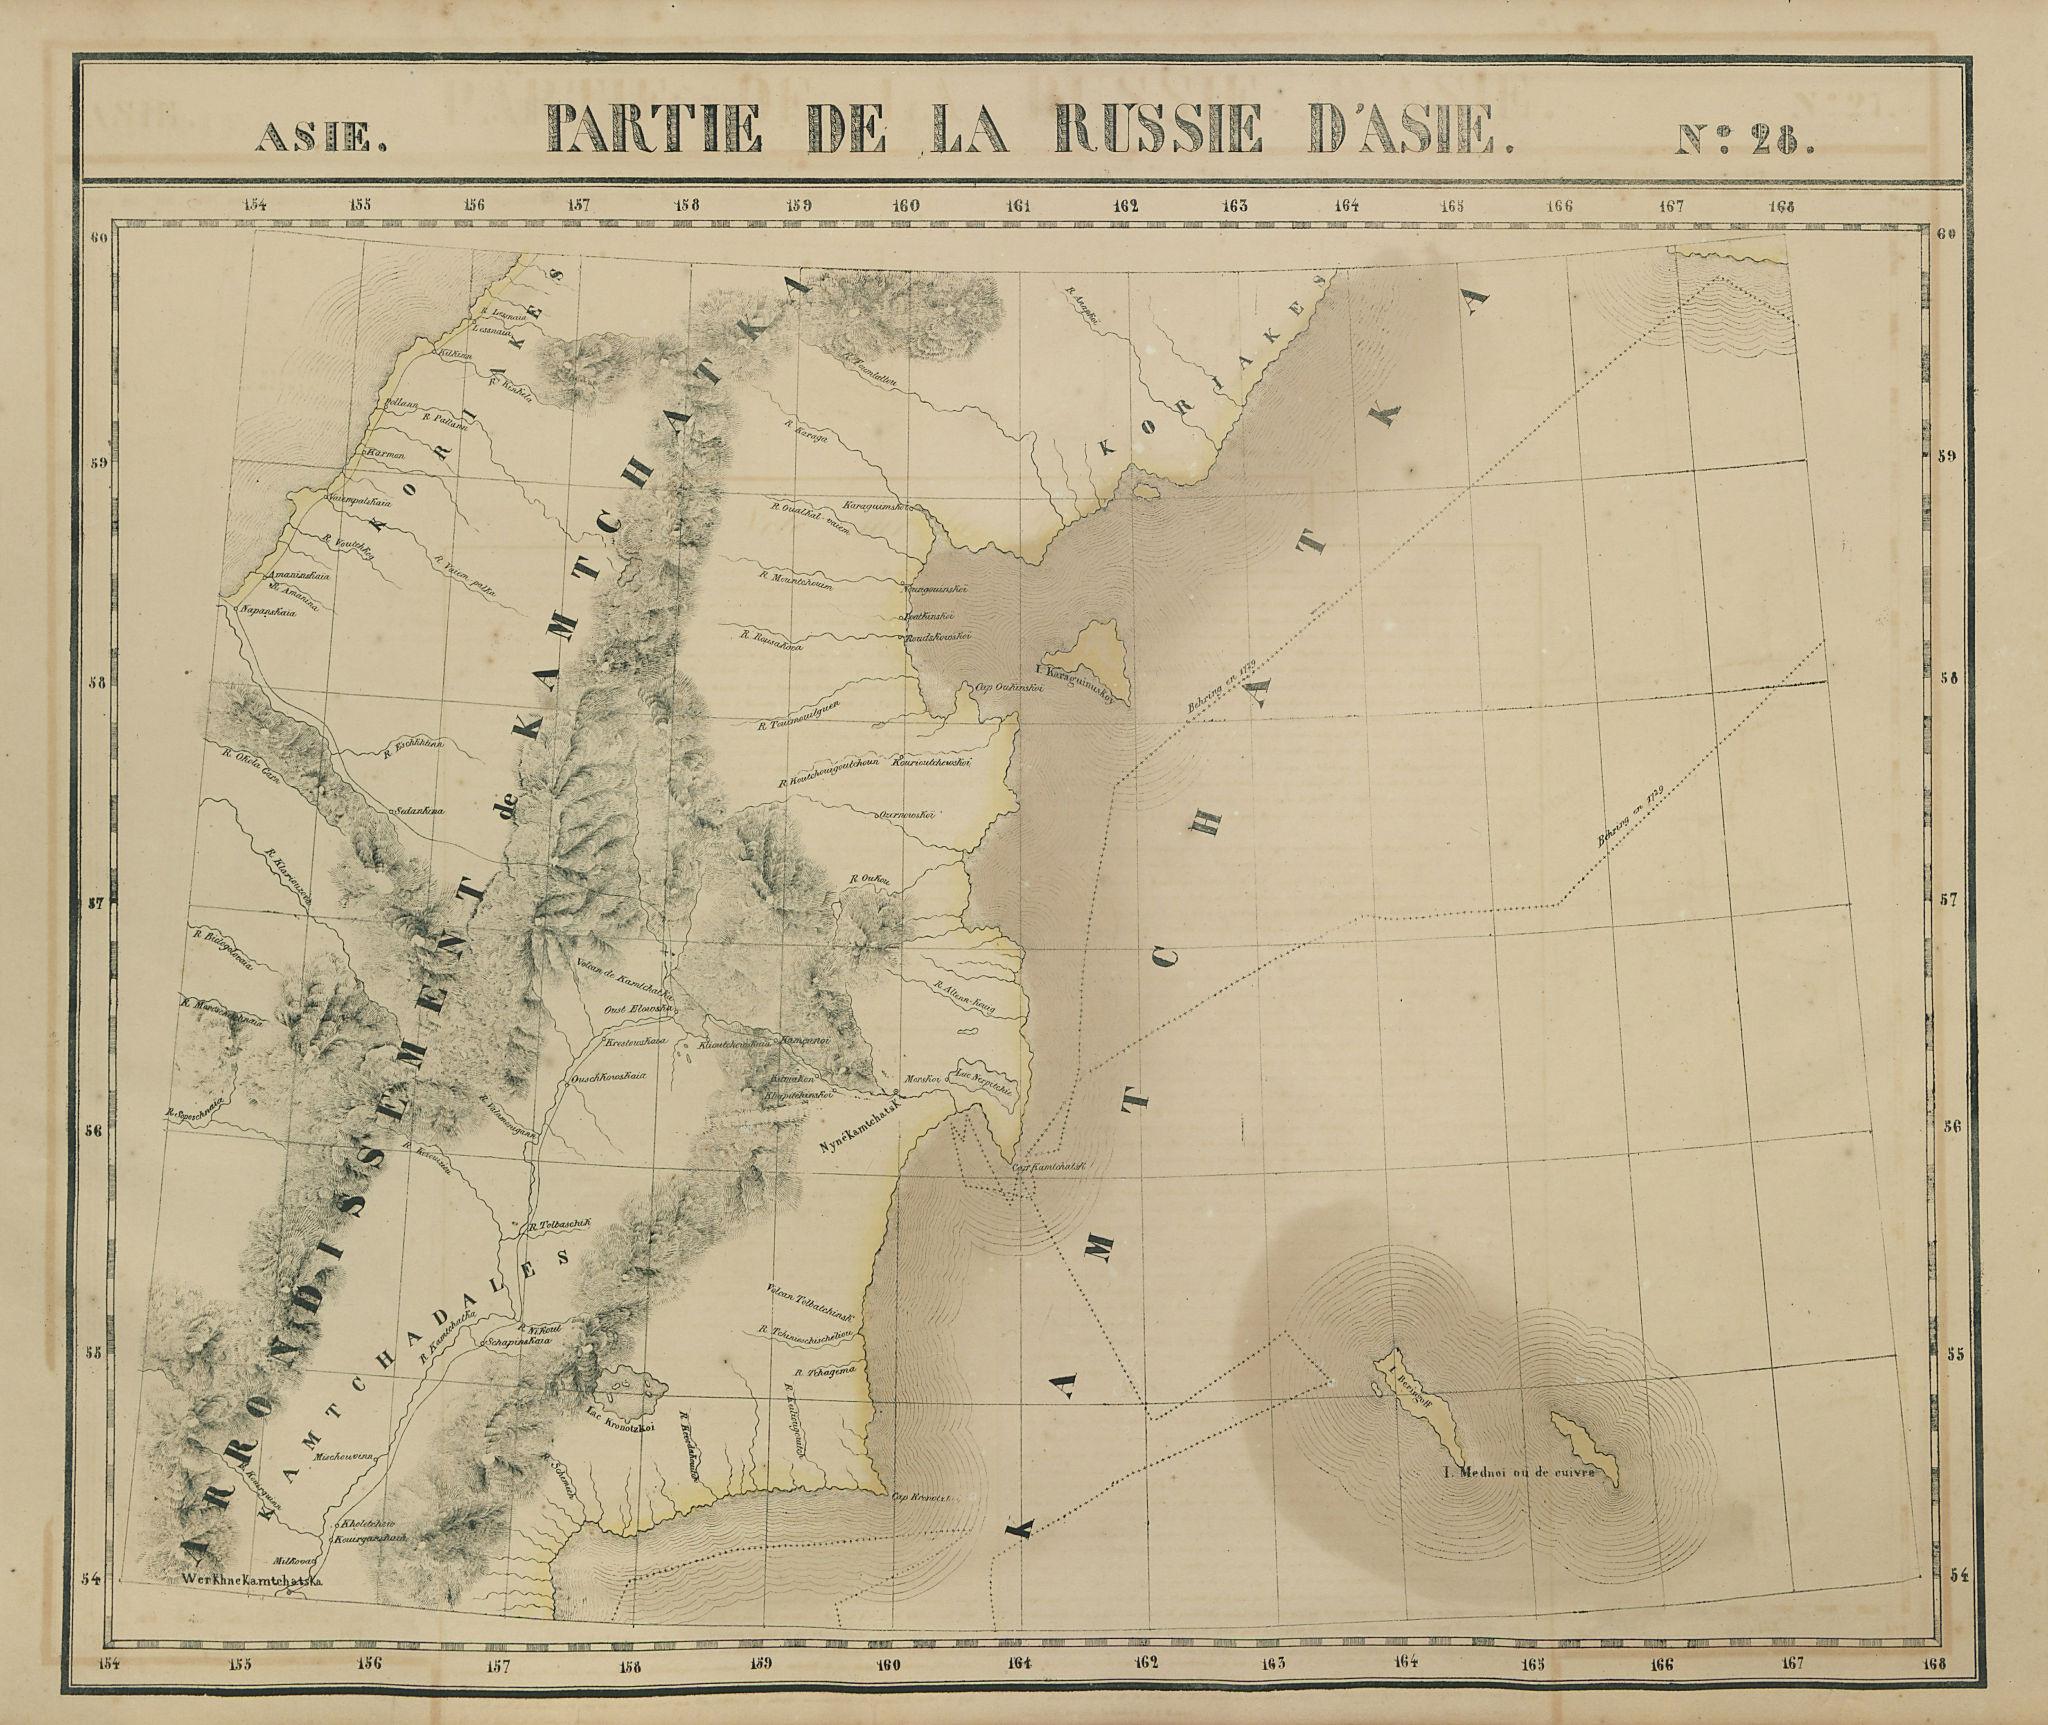 Russie d'Asie #28 Eastern Kamchatka Peninsula. Russia. VANDERMAELEN 1827 map